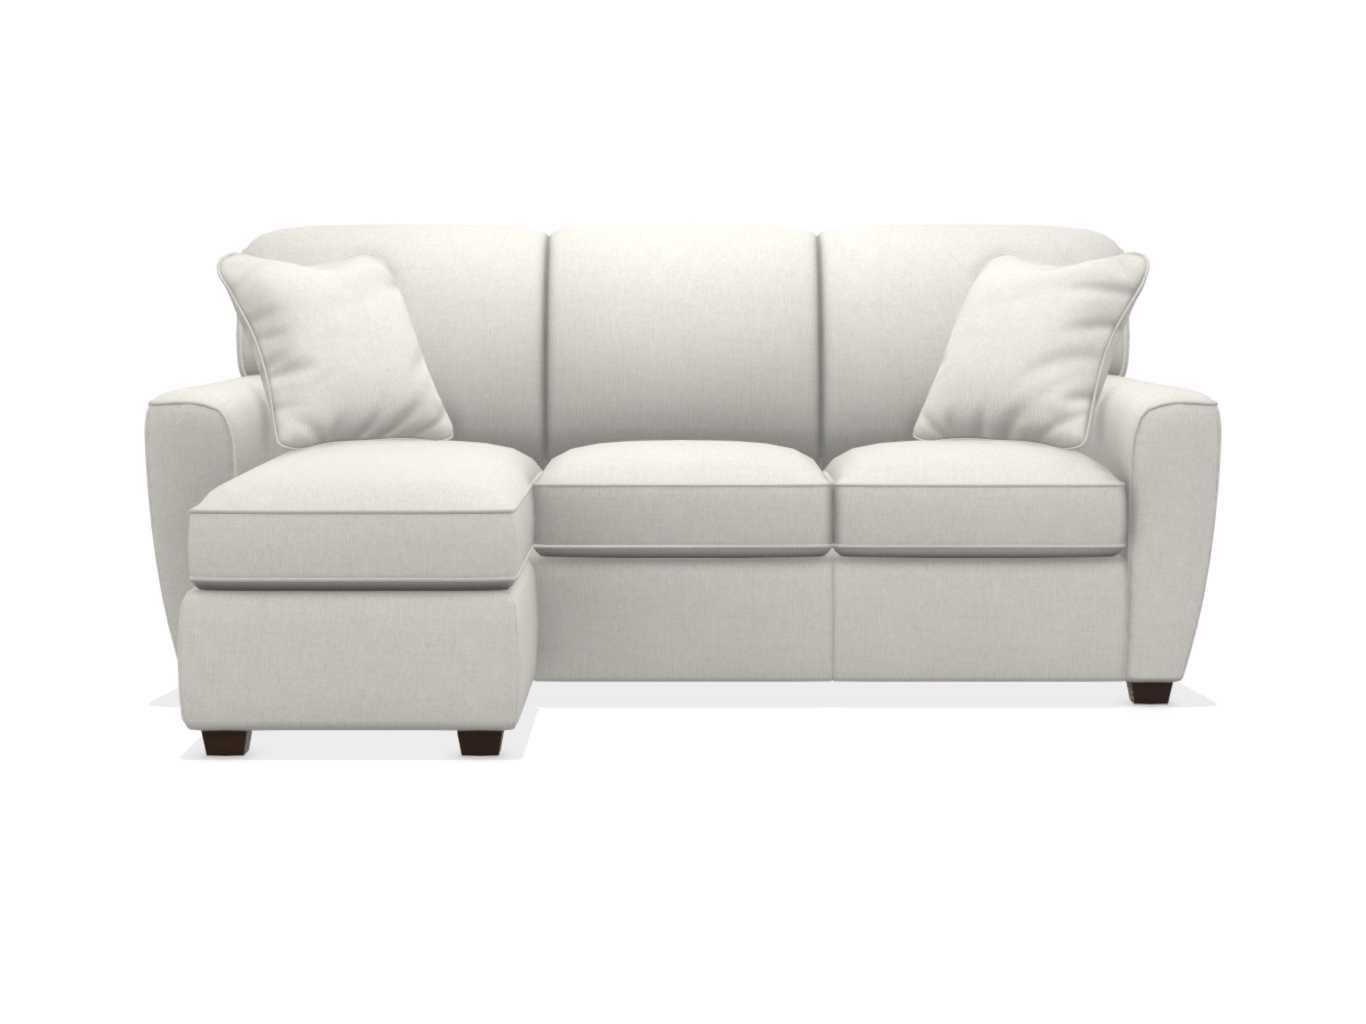 Piper Sofa & Ottoman w/ Chaise Cushion